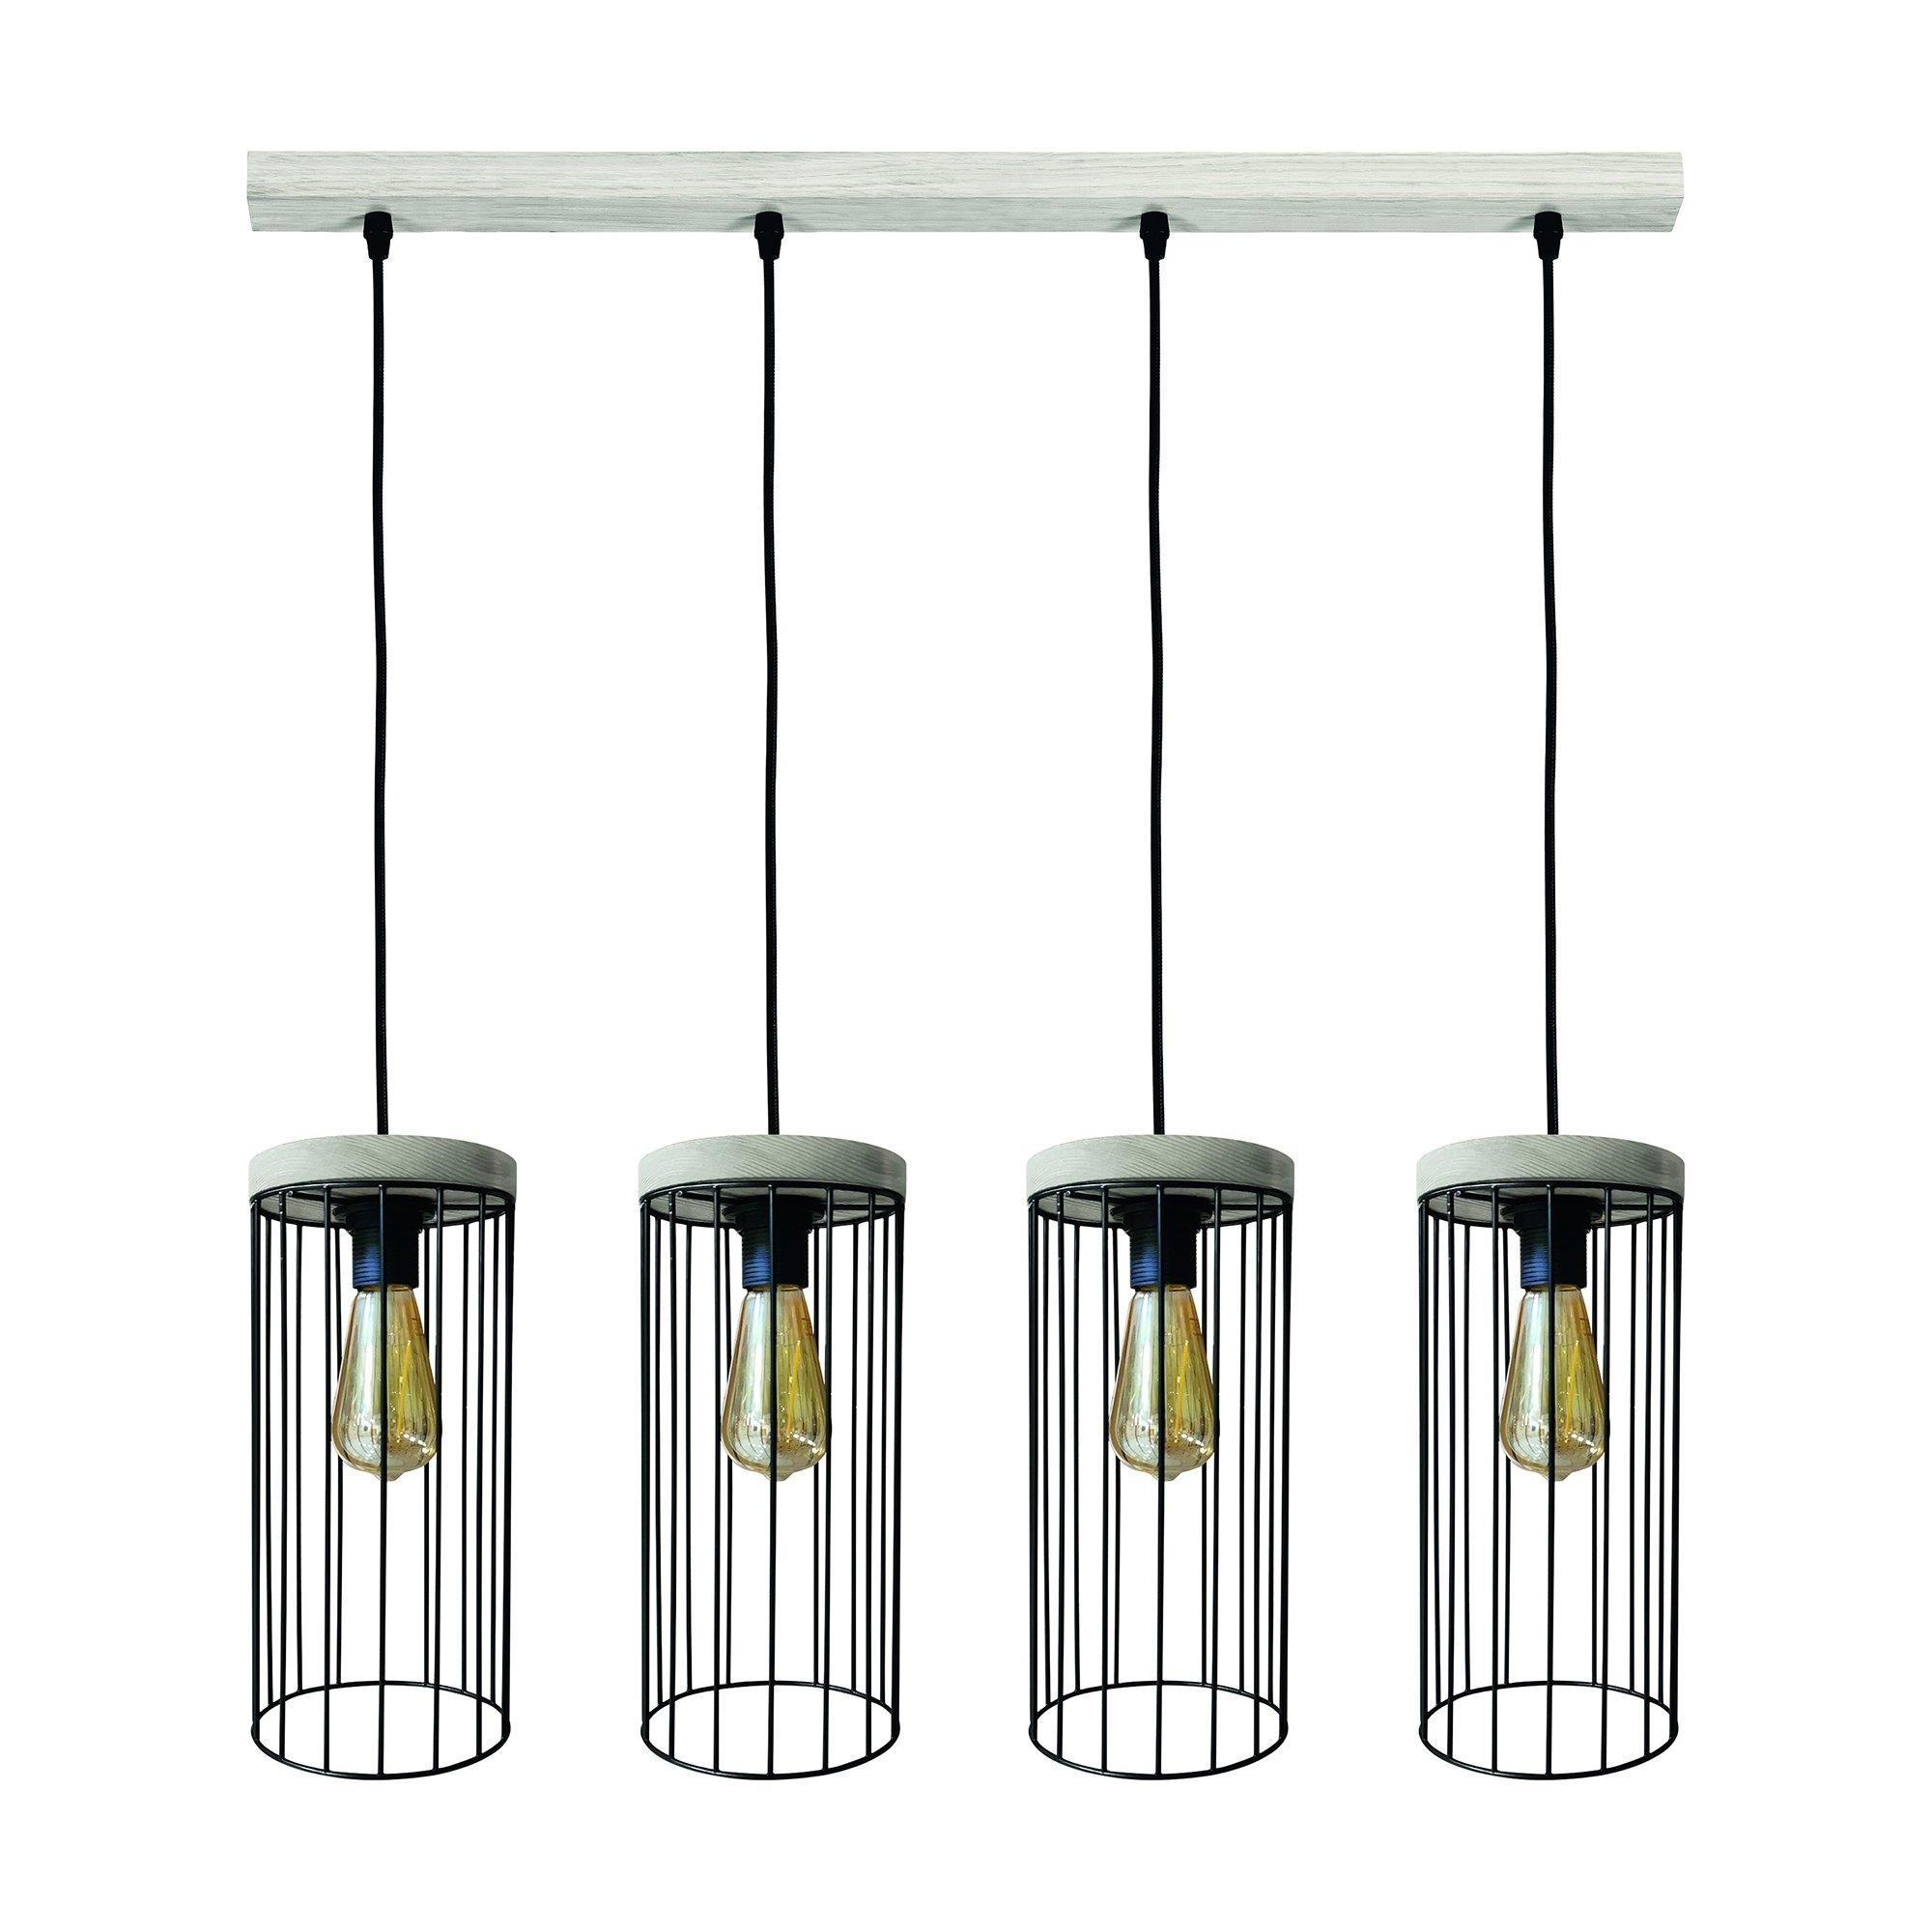 BRITOP LIGHTING hanglamp TIMEO WOOD max Hanglamp, trendy kap in kooi-look van metaal, met grenenhout in grijs, bijpassende LM E27 / exclusief, Made in Europe veilig op otto.nl kopen